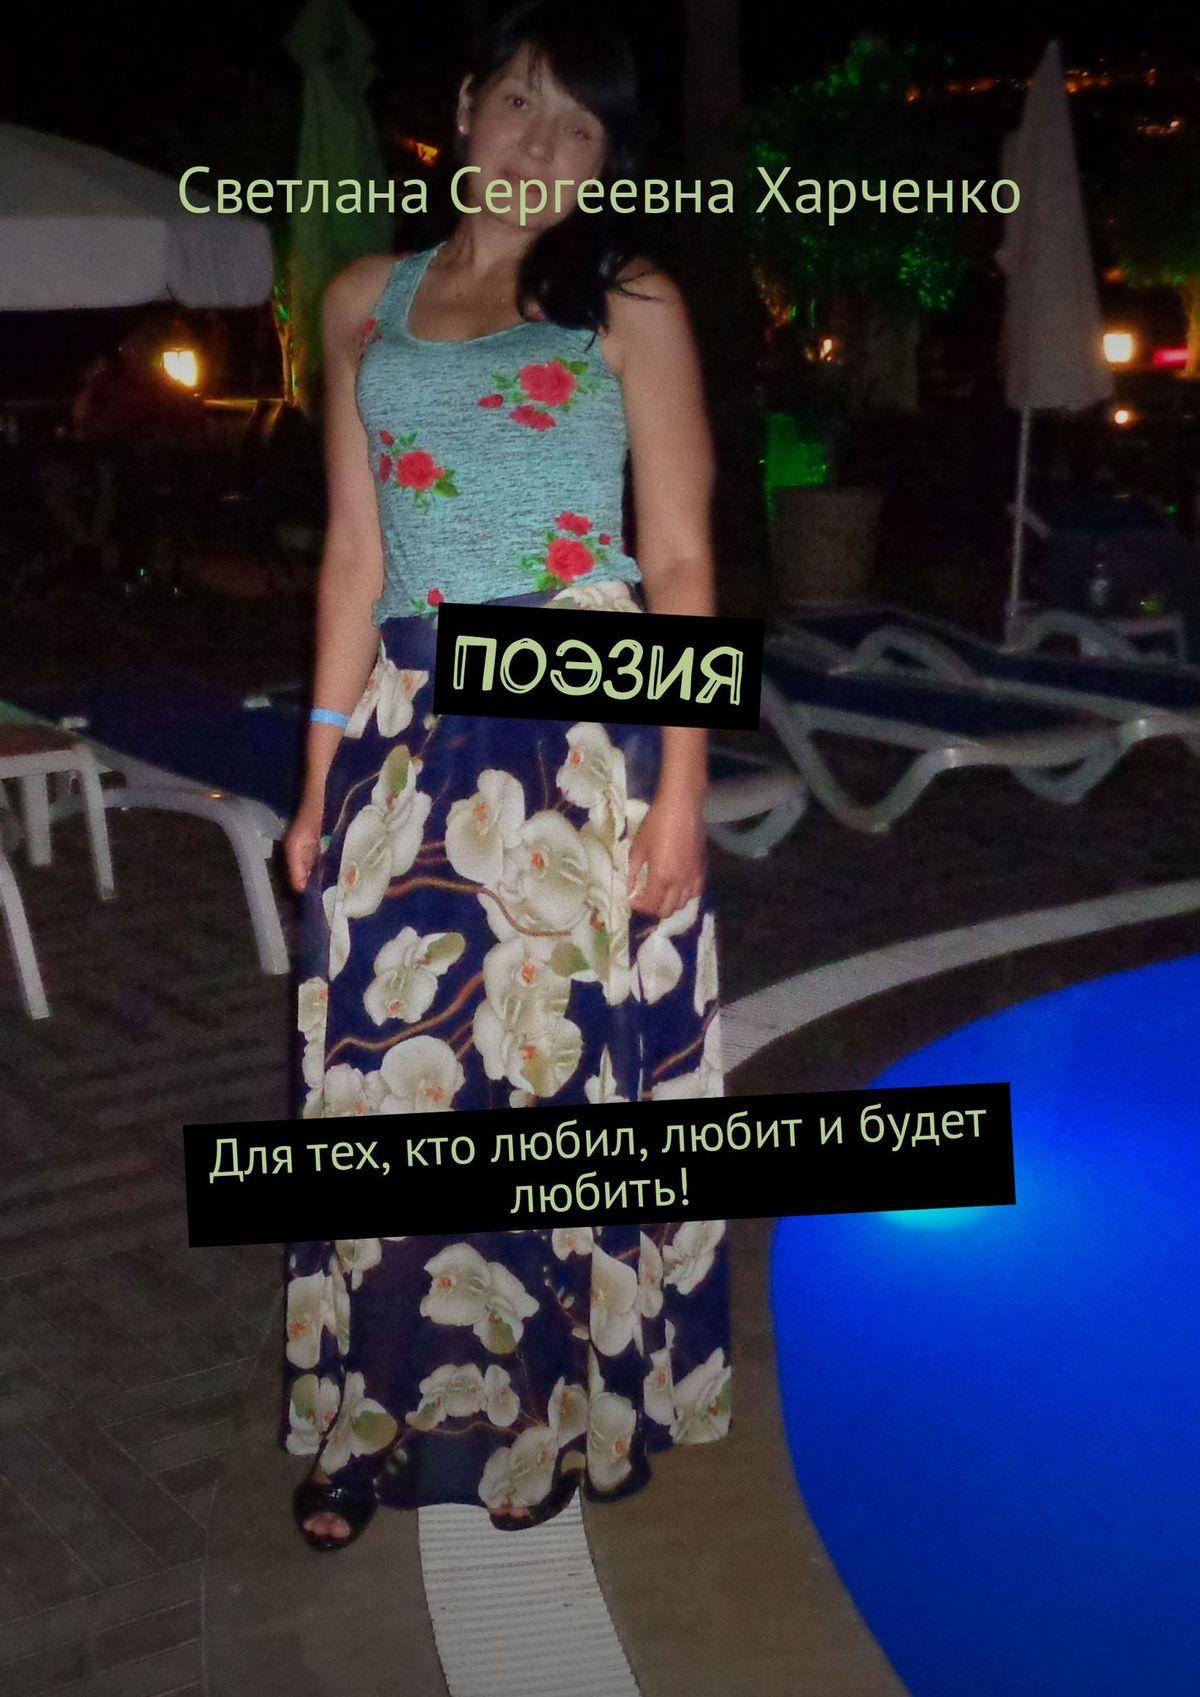 Светлана Сергеевна Харченко Поэзия. Для тех, кто любил, любит ибудет любить! миллард хоппер нарды избранные стратегии для тех кто любит побеждать